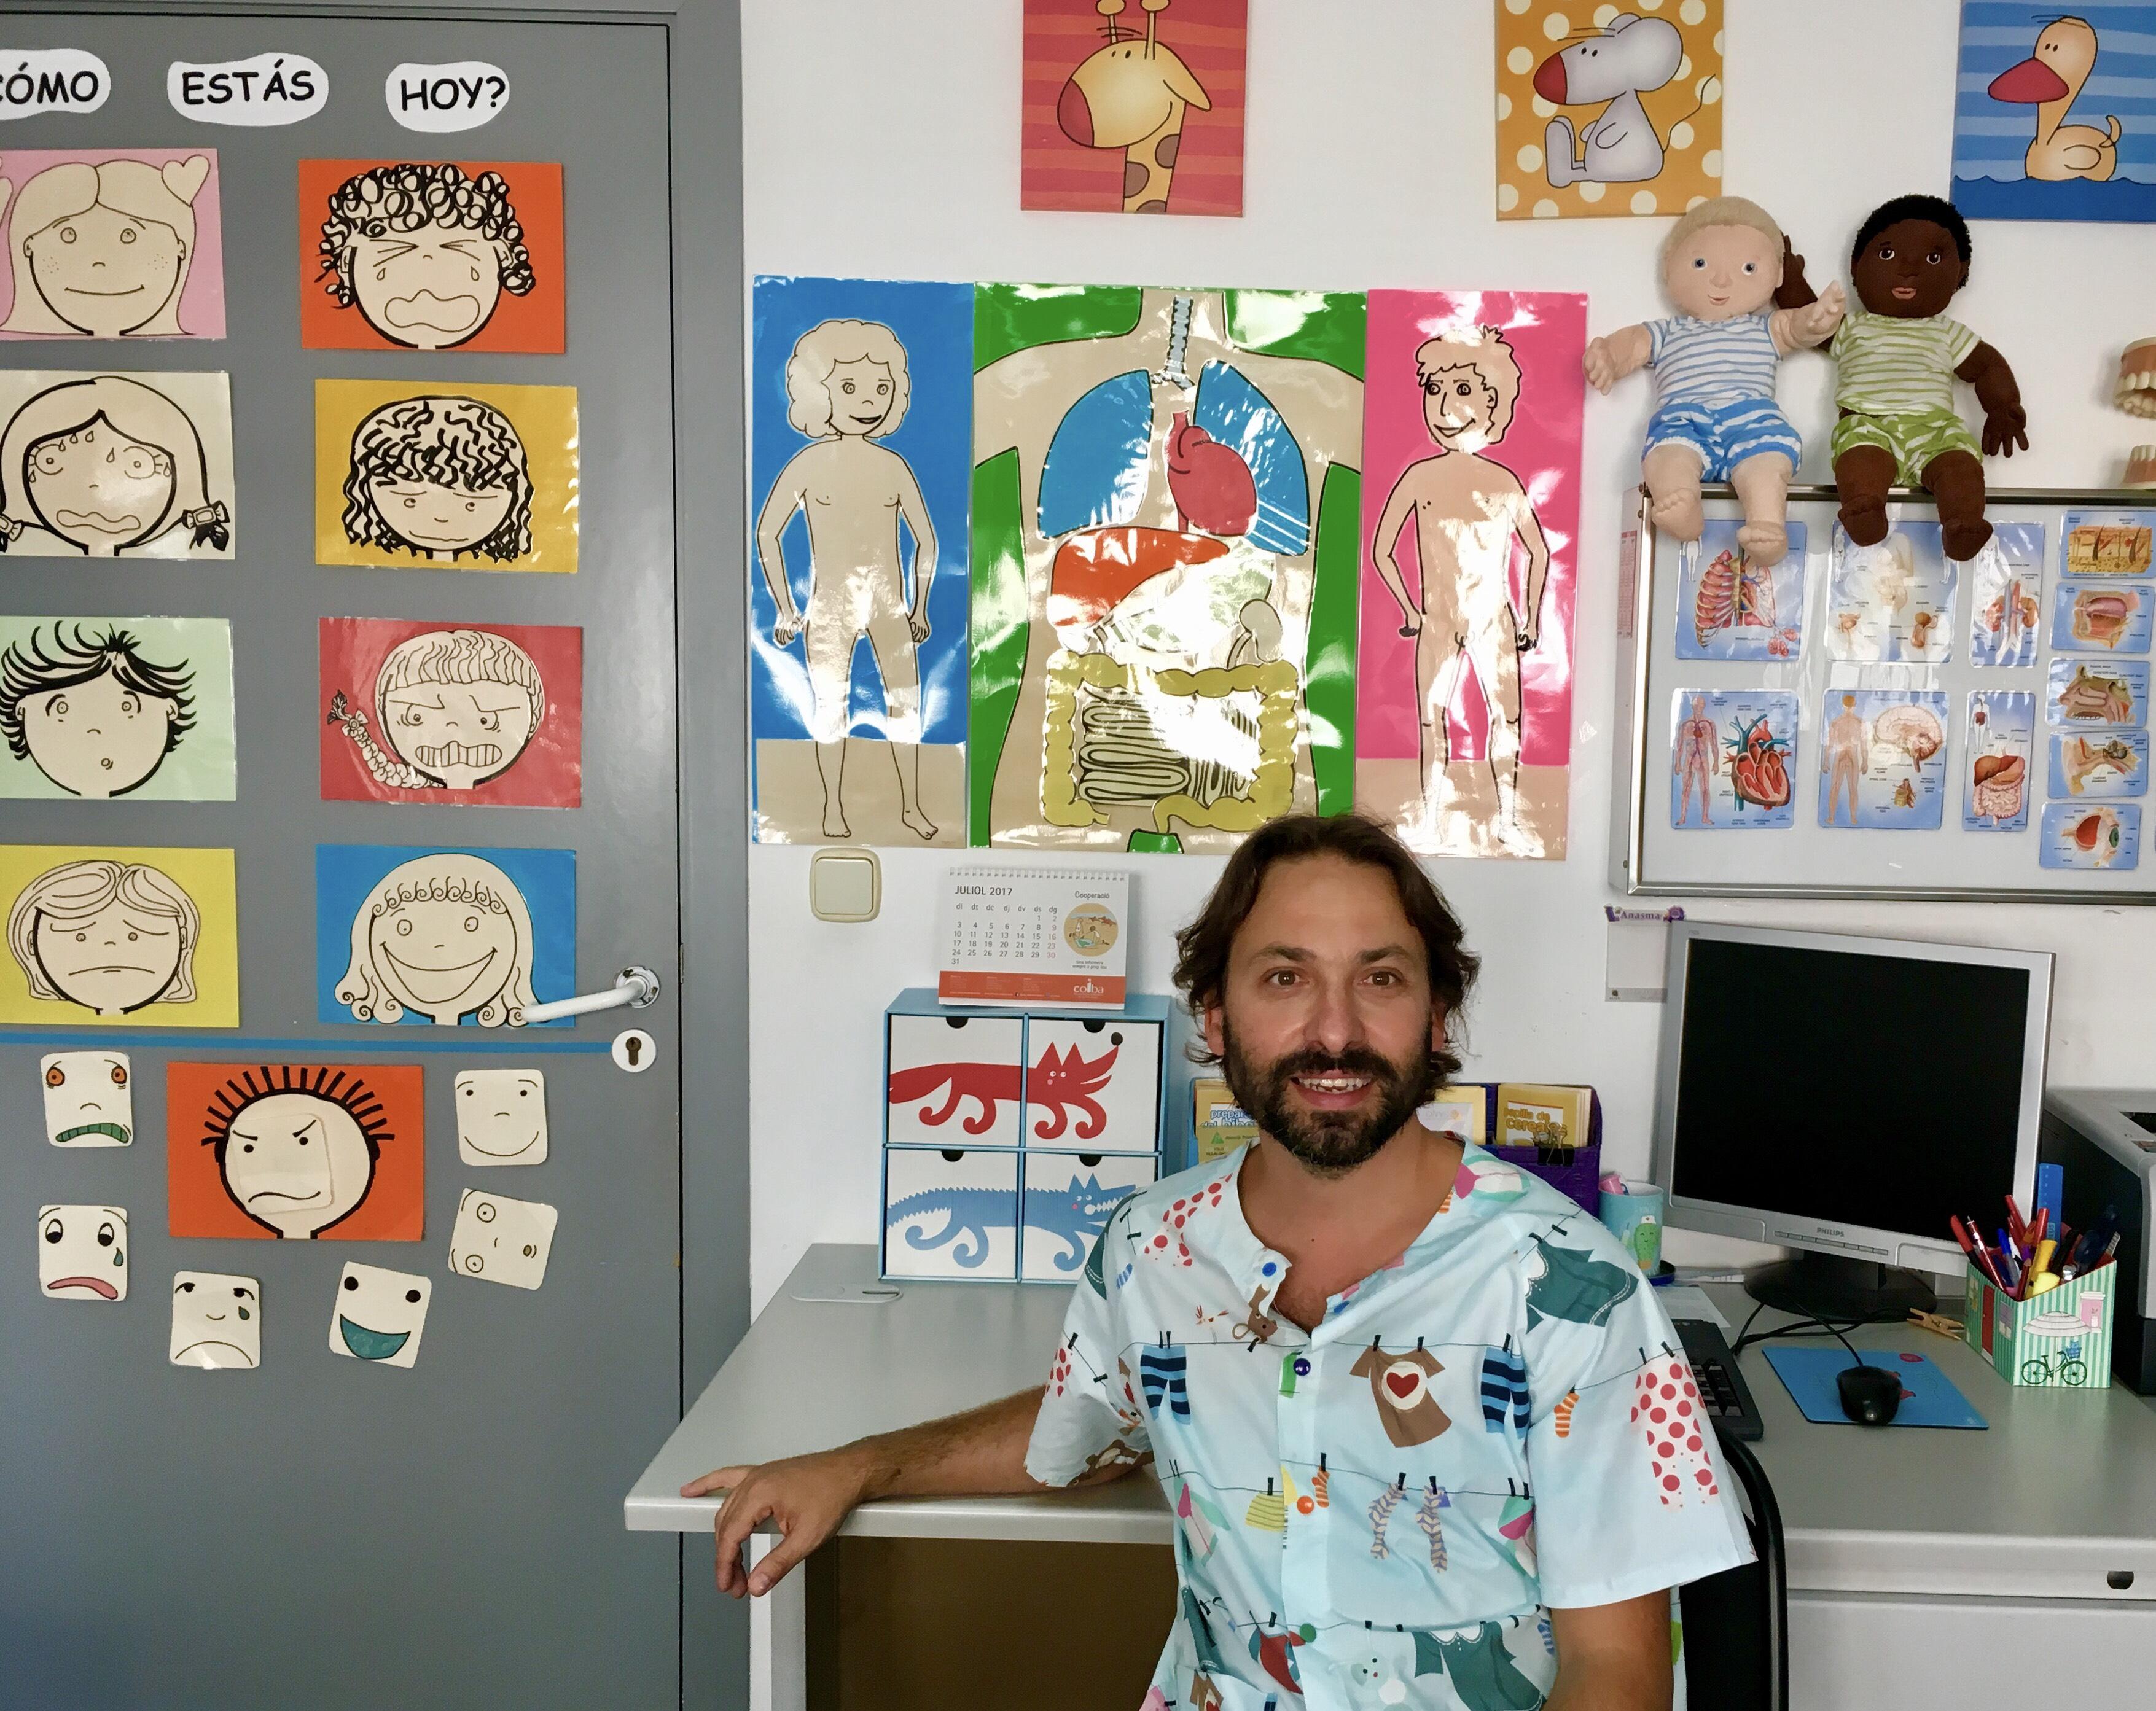 Una consulta de enfermería que hace sonreír a los niños